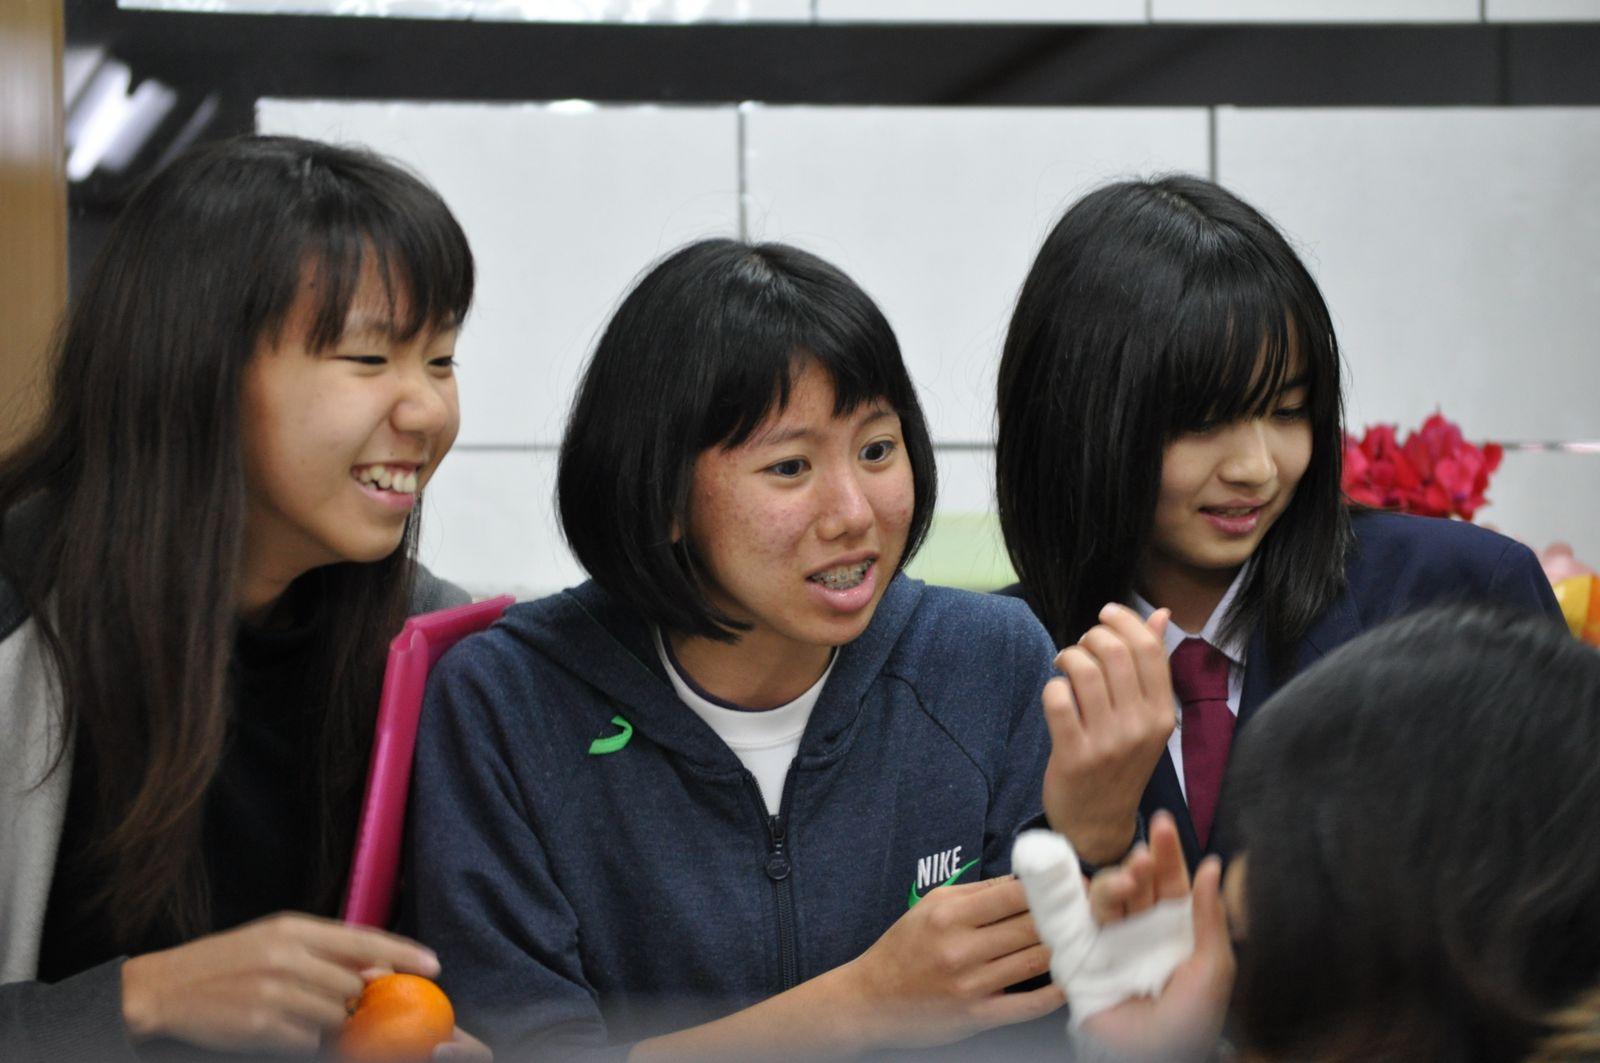 2012年09月U-15タレント11: 思わずムラッとしたU-15画像 23ムラ目【目一杯抜いて!】 (454)